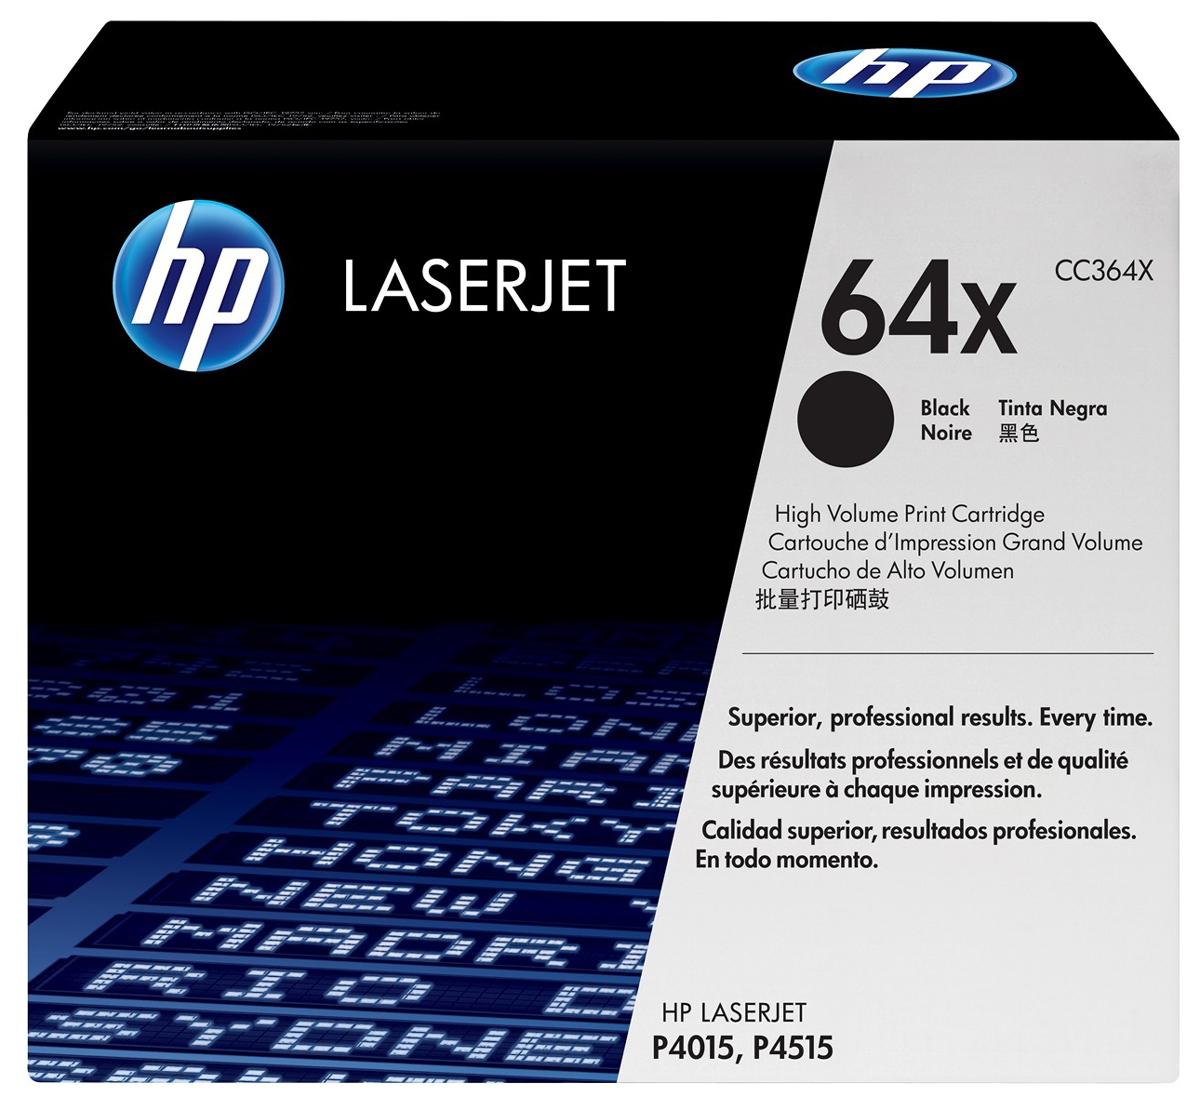 HP CC364X (64X), Black тонер-картридж для HP LaserJet P4015/4515CC364XКартриджи с тонером HP 64X LaserJet обеспечивают бесперебойную печать и неизменно качественный результат. Оригинальные картриджи с тонером HP гарантируют качественное выполнение задач печати в офисе. HP – лидер в сфере экологичных технологий печати.Быстрая беспроблемная печать позволяет сконцентрироваться на более важных задачах. Уникальная формула тонера HP обеспечивает качество и надежность, необходимые бизнесу. Легкое управление расходными материалами позволяет экономить время и делает печать более эффективной.Оригинальная конструкция картриджей HP и уникальная формула тонера HP гарантируют неизменно высокое качество печати на протяжении всего срока службы картриджа. Конструкция картриджа обеспечивает неизменность ресурса при замене.